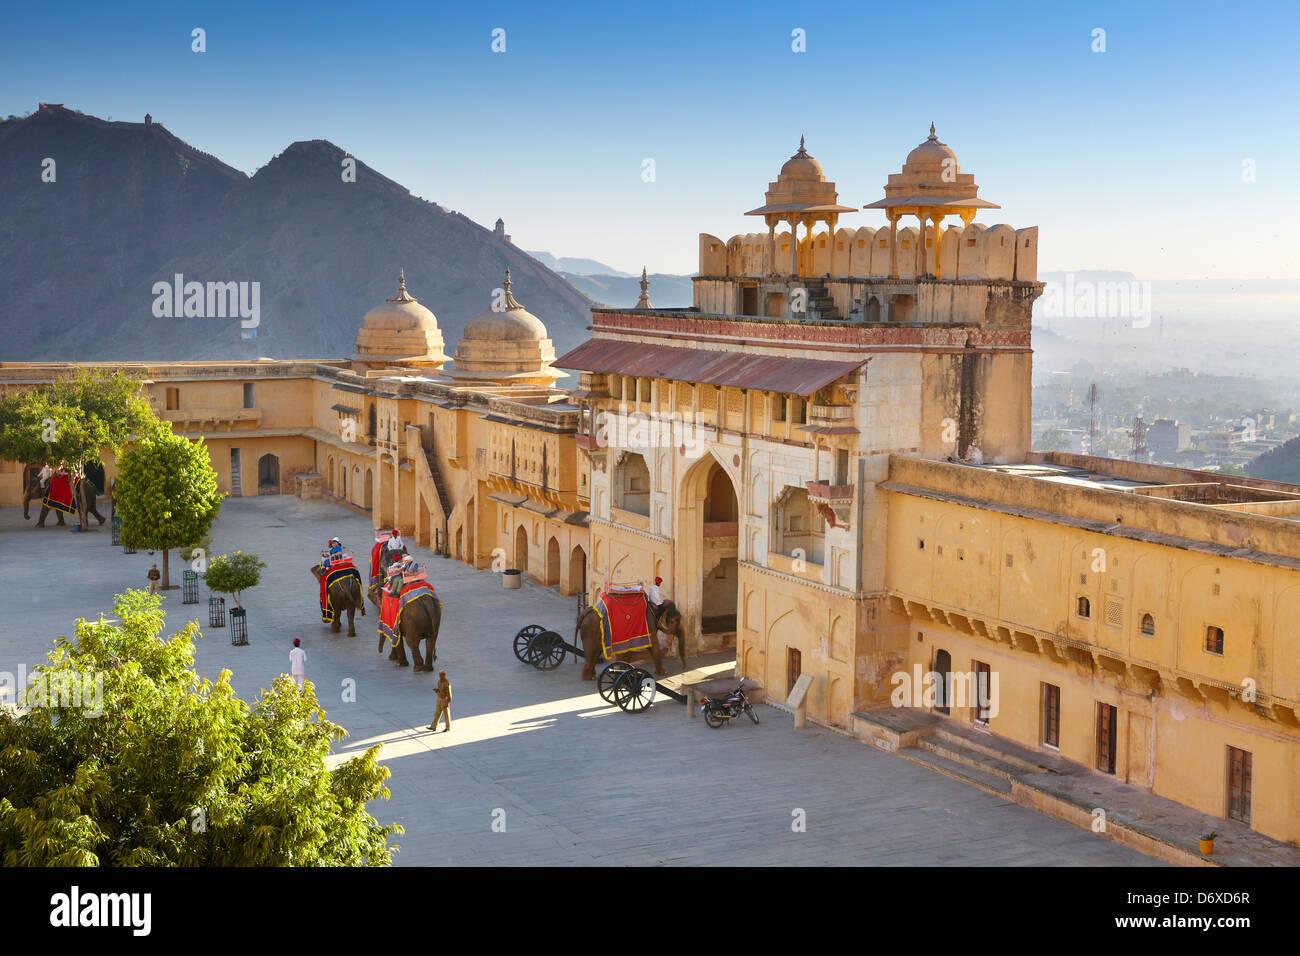 Amber Fort - Landschaft mit Elefanten auf den Jaleb Chowk Innenhof und Haupteingang des Amber Fort, Jaipur, Rajasthan, Stockbild